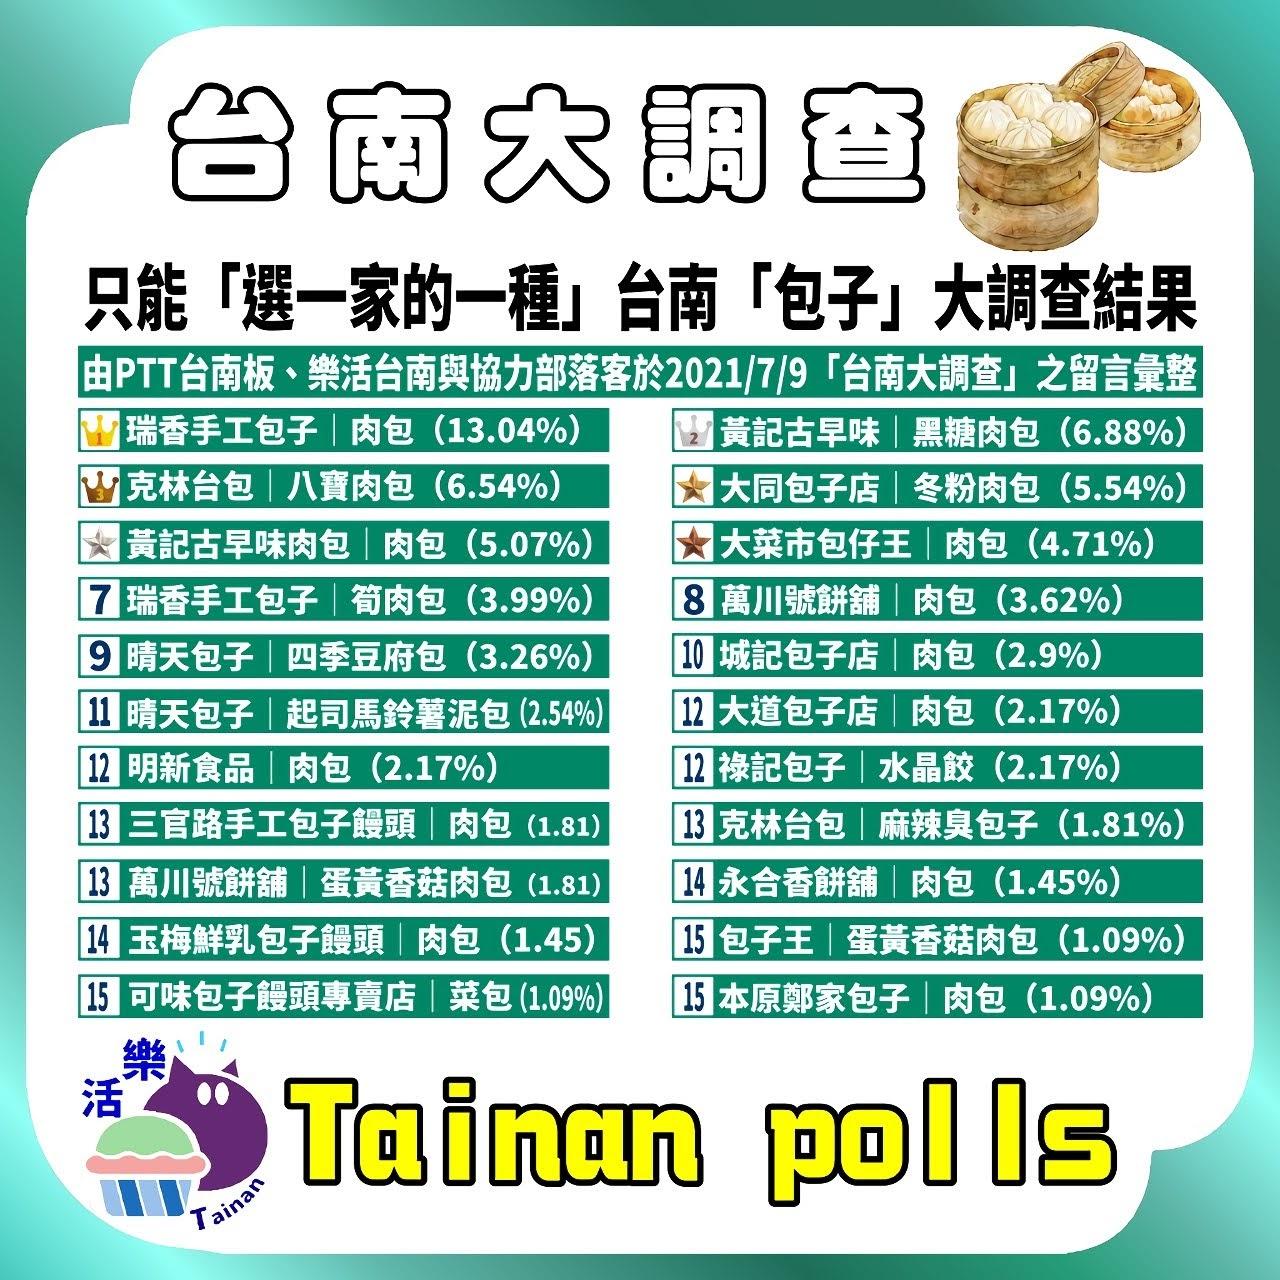 第一屆|只能「選一家的一種包子」台南人推薦必吃包子|台南大調查|Tainan Polls